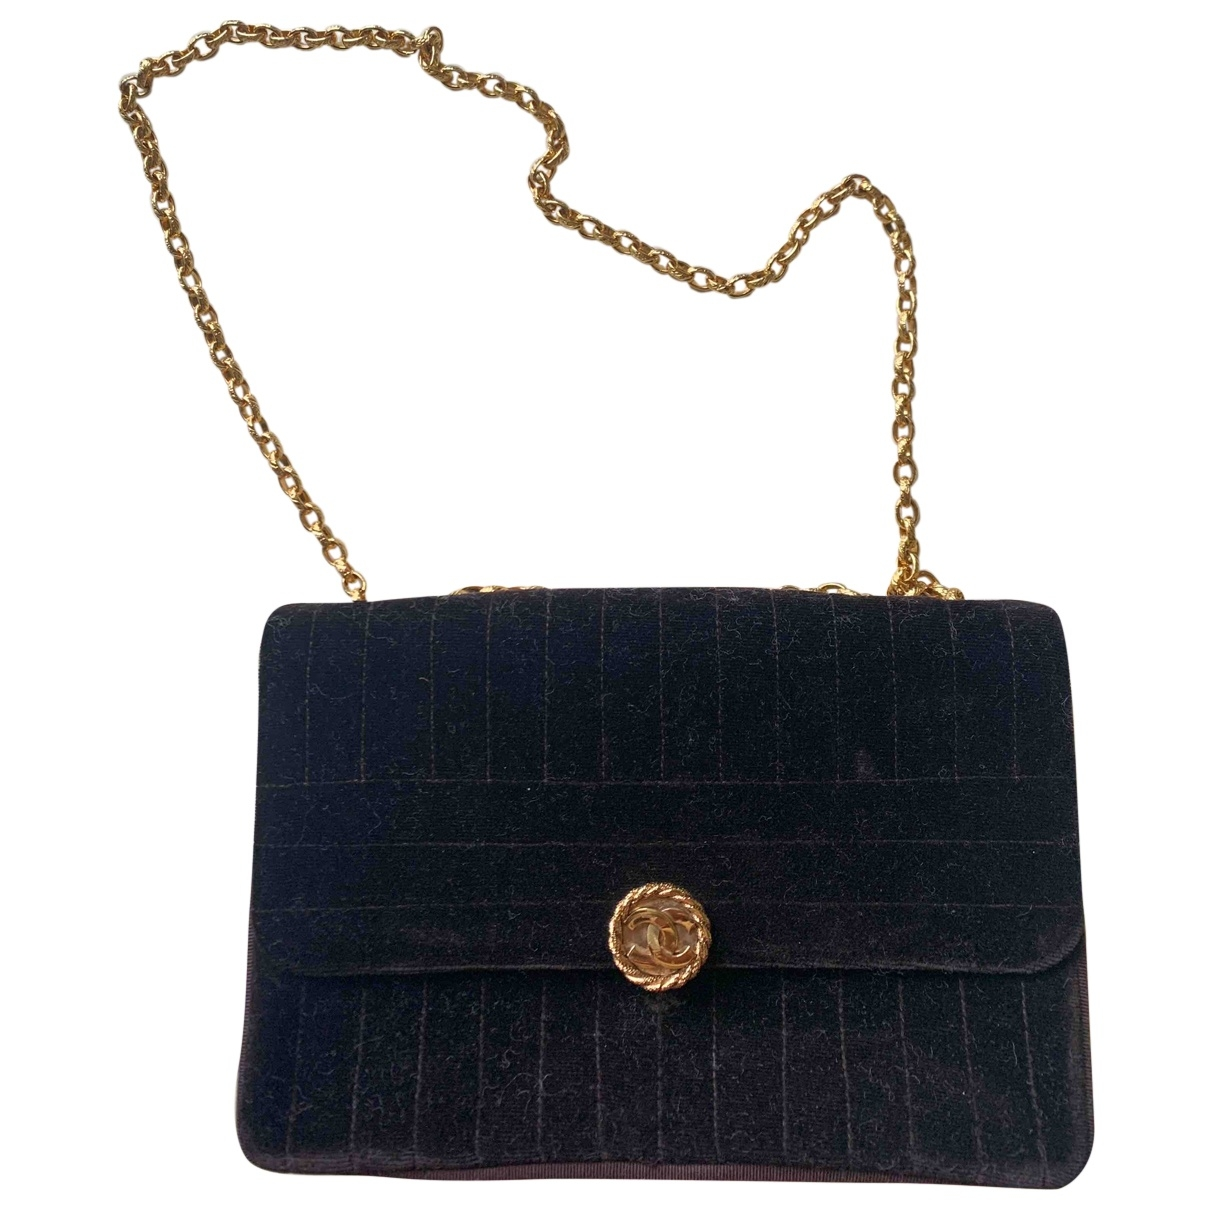 Chanel \N Handtasche in  Braun Samt